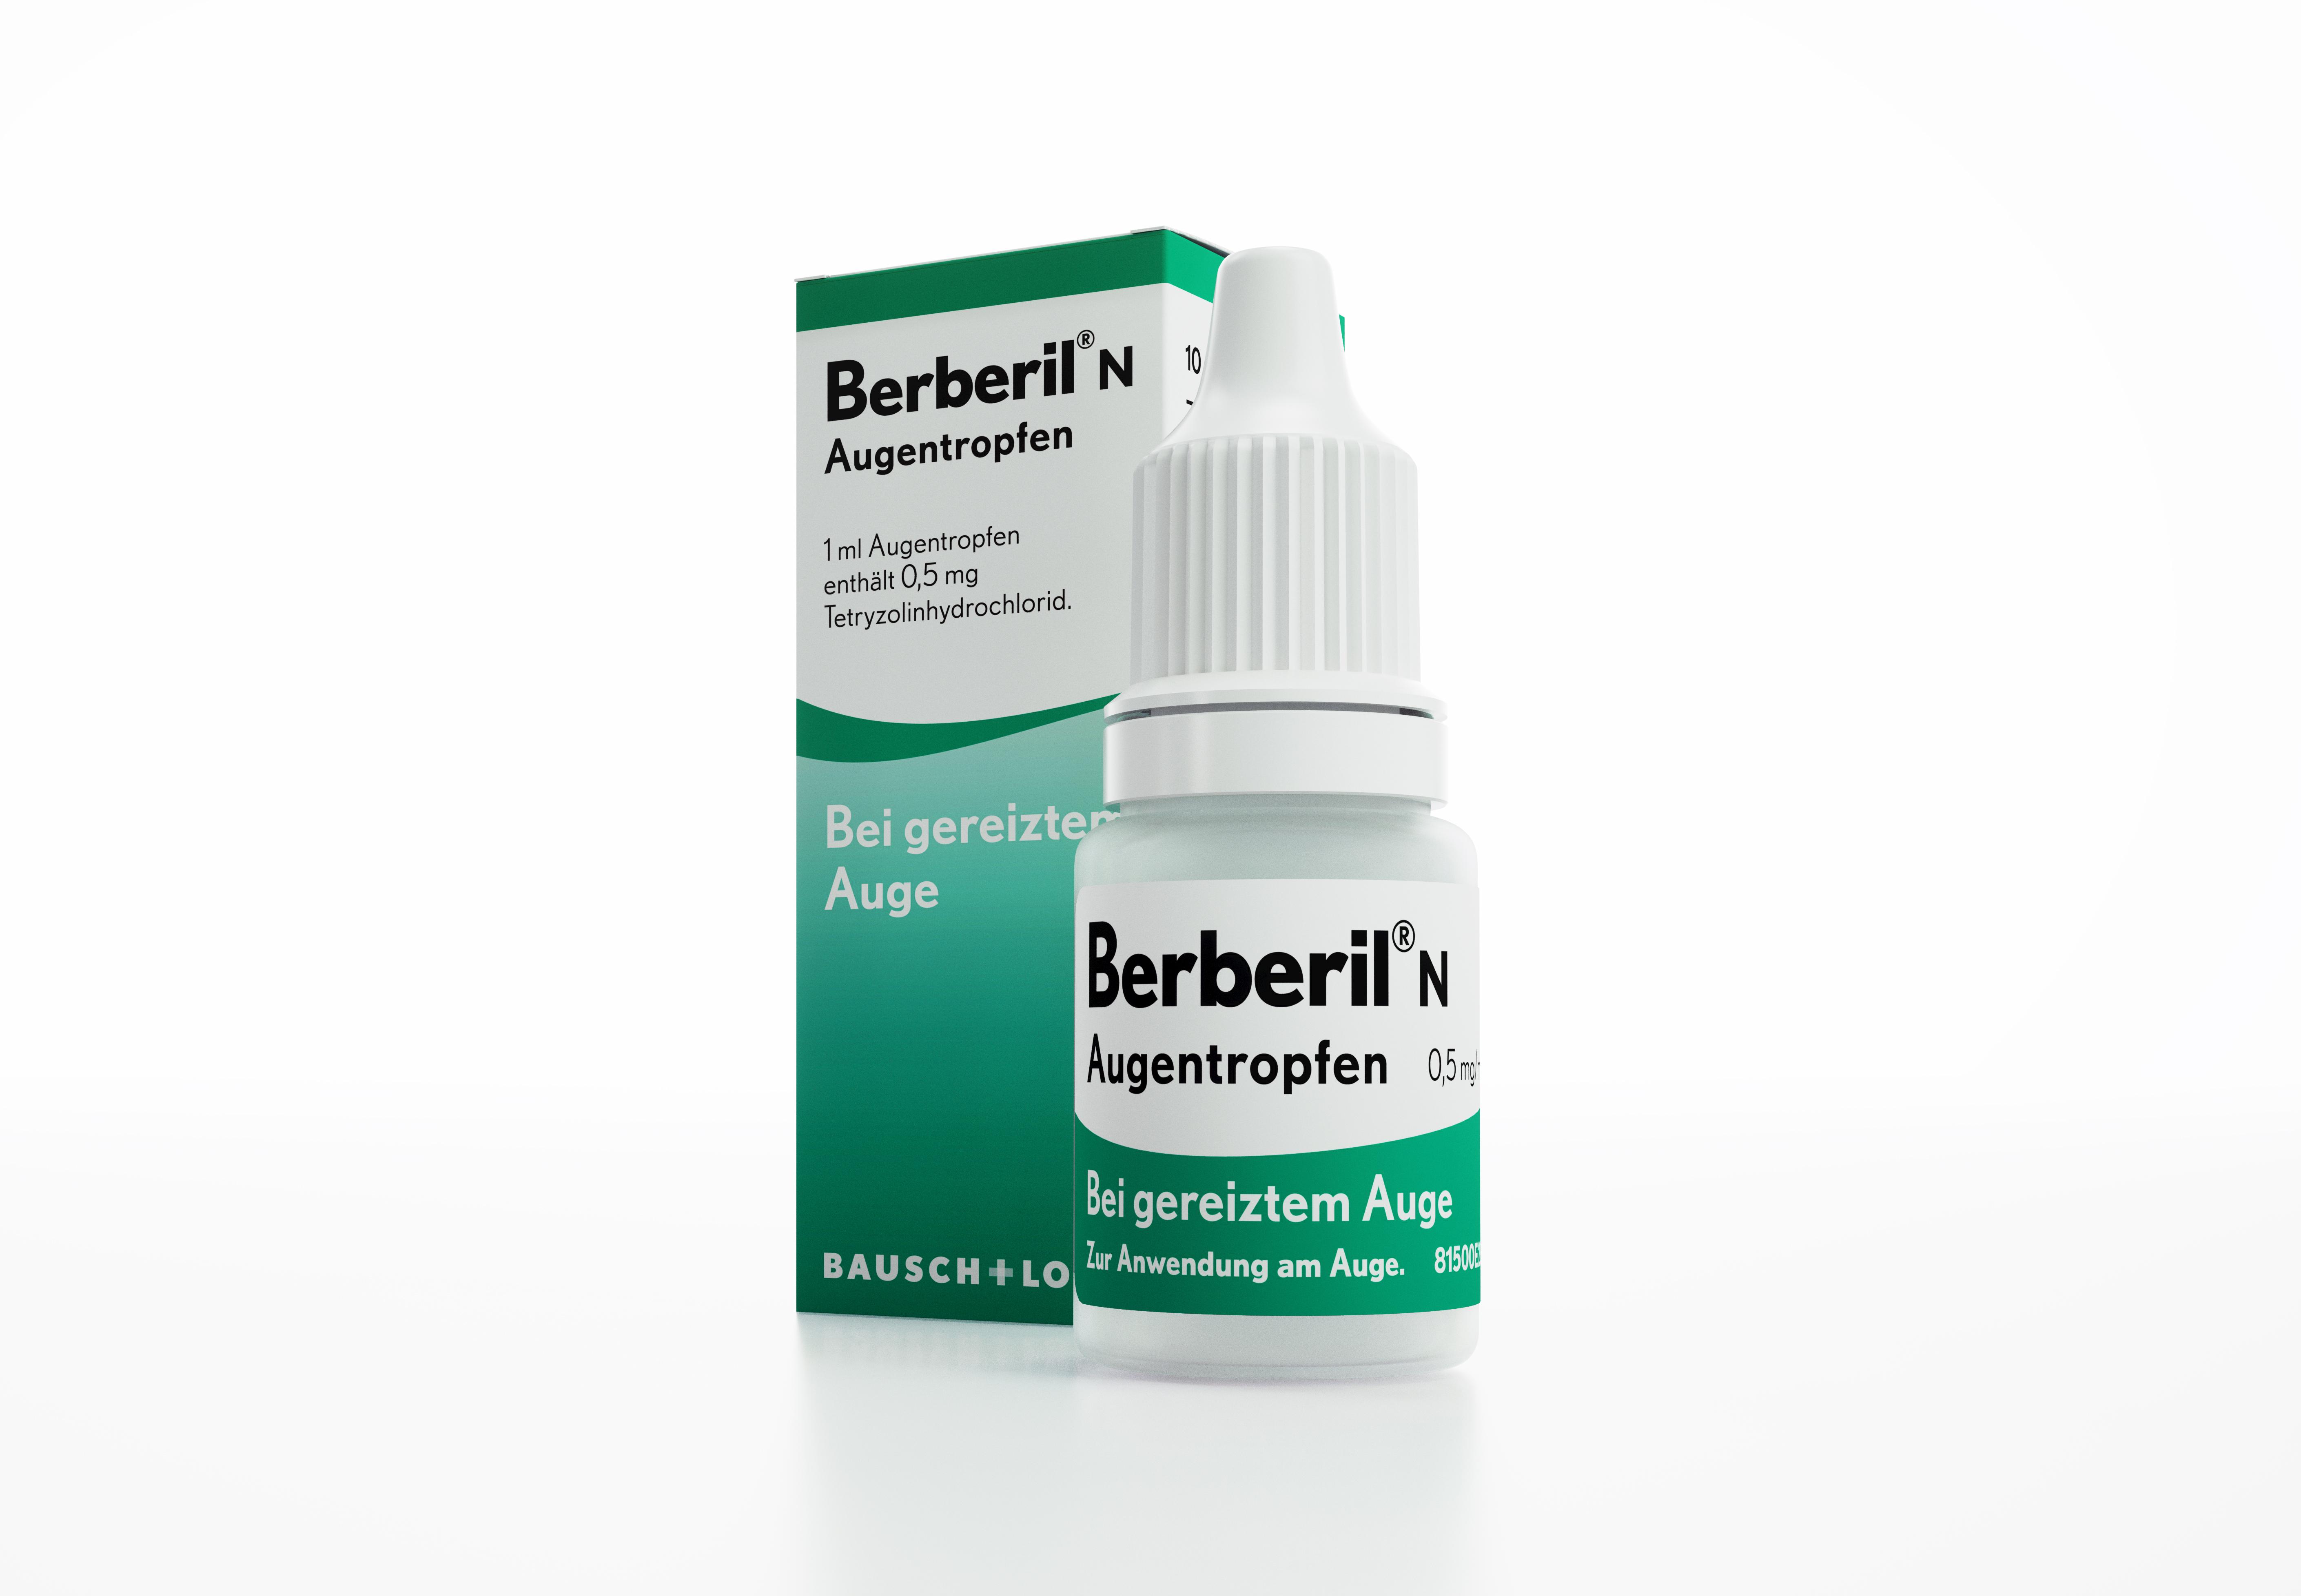 BERBERIL N Augentropfen